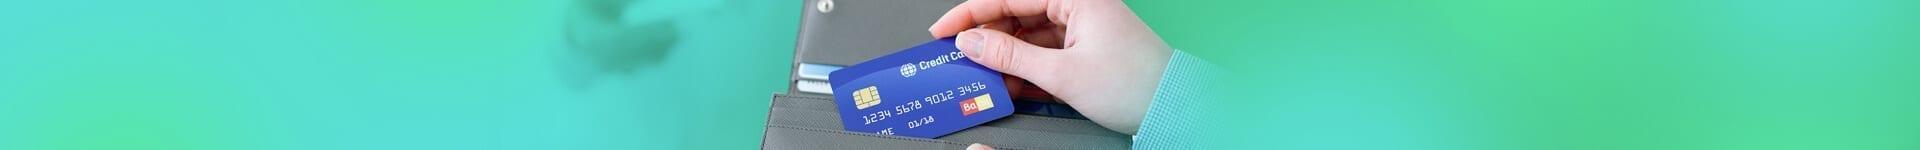 Bankalardan Kredi Alamayanlara Nasıl Kredi Çıkar